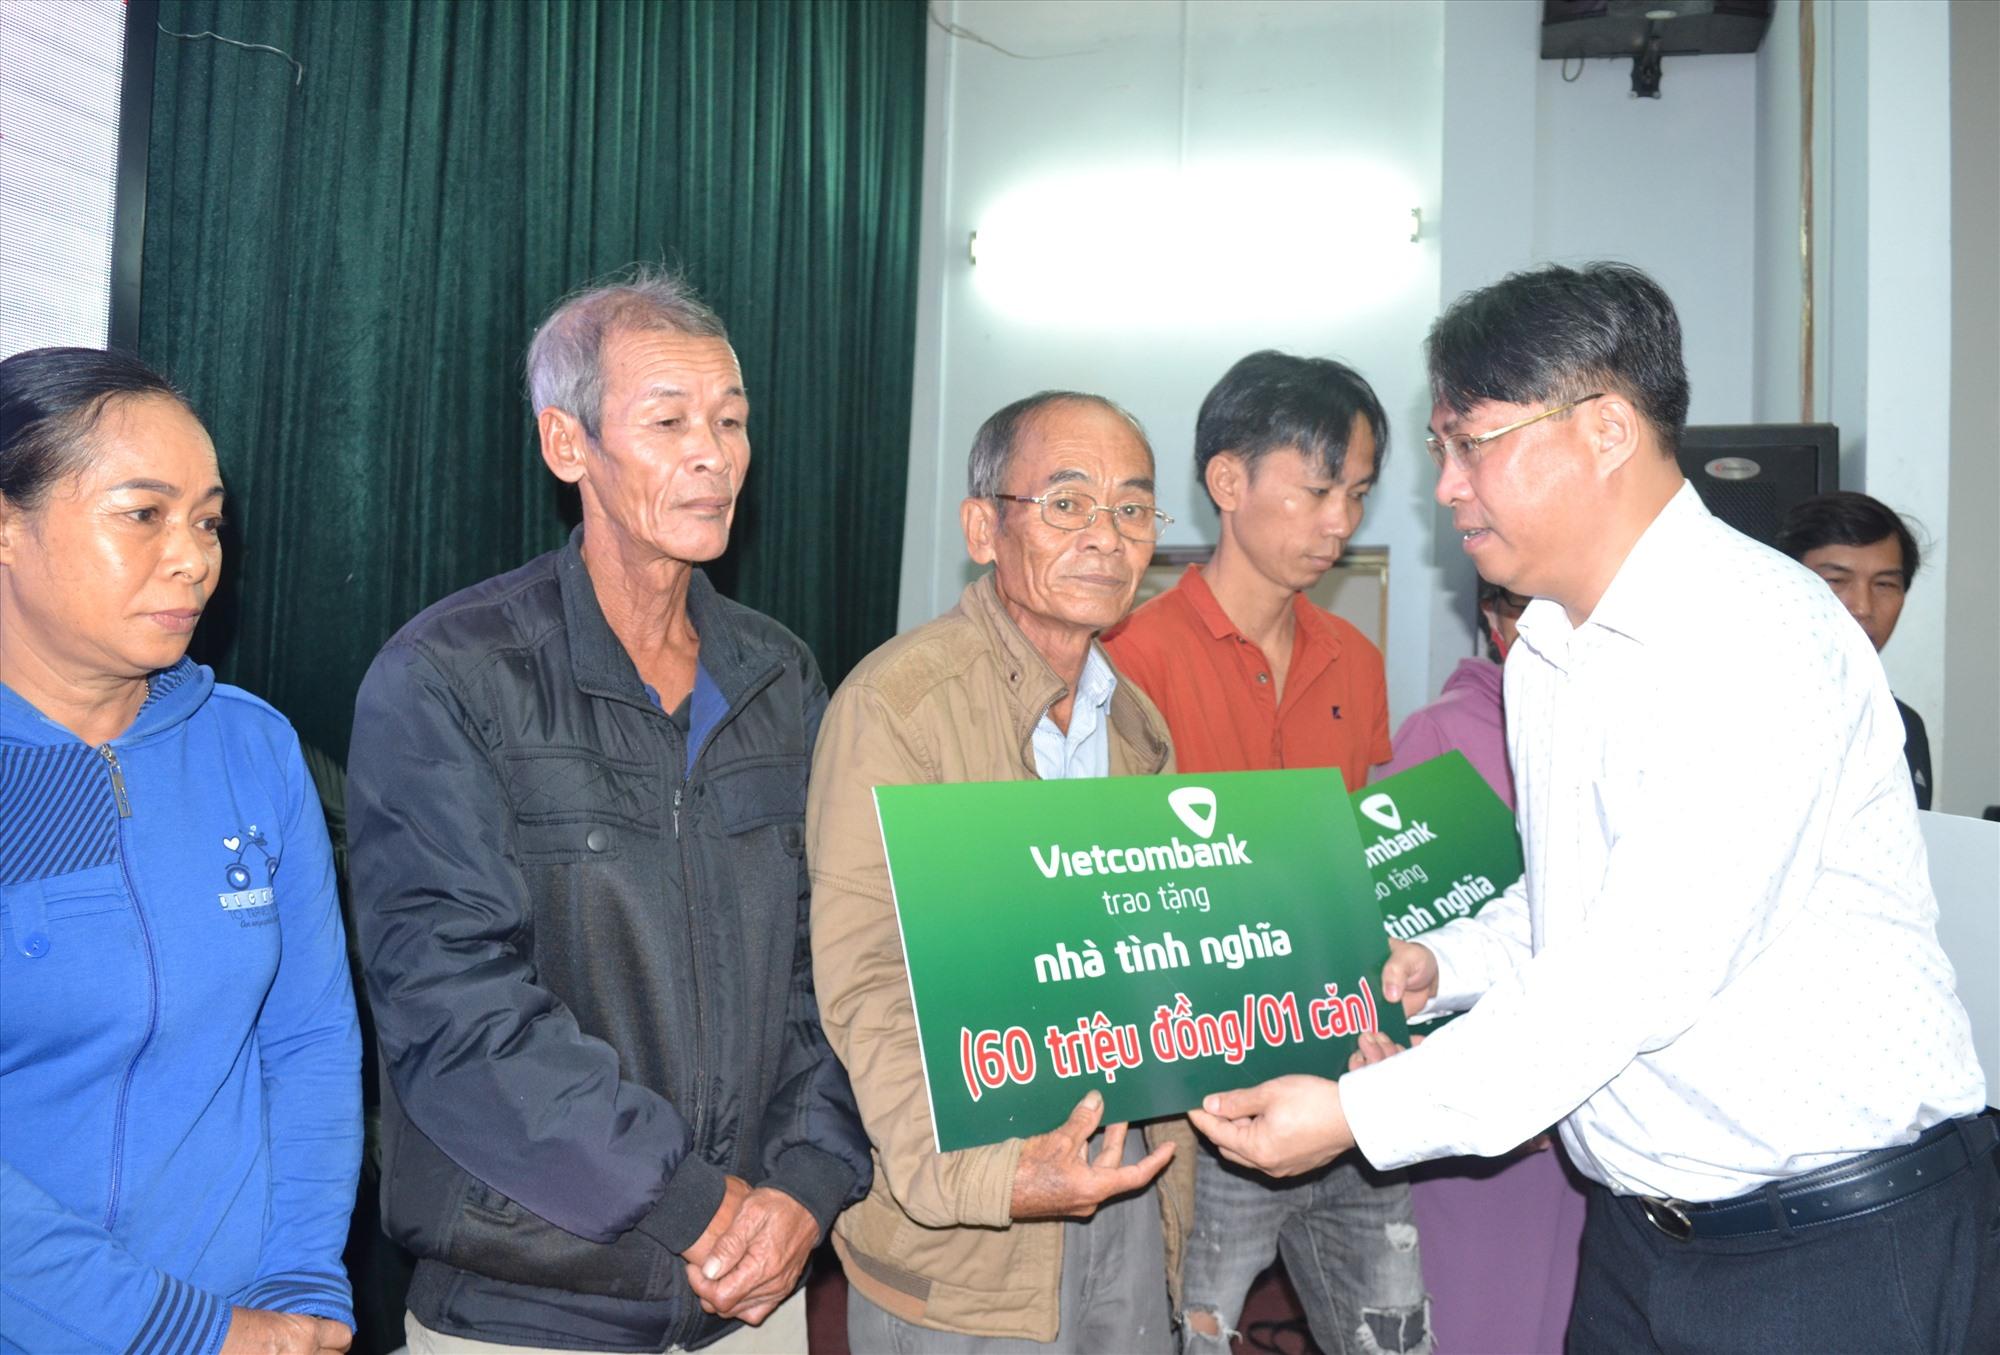 Ông Phan Thăng An trao biểu trưng nhà tình nghĩa đến các gia đình có công. Ảnh: VIỆT NGUYỄN